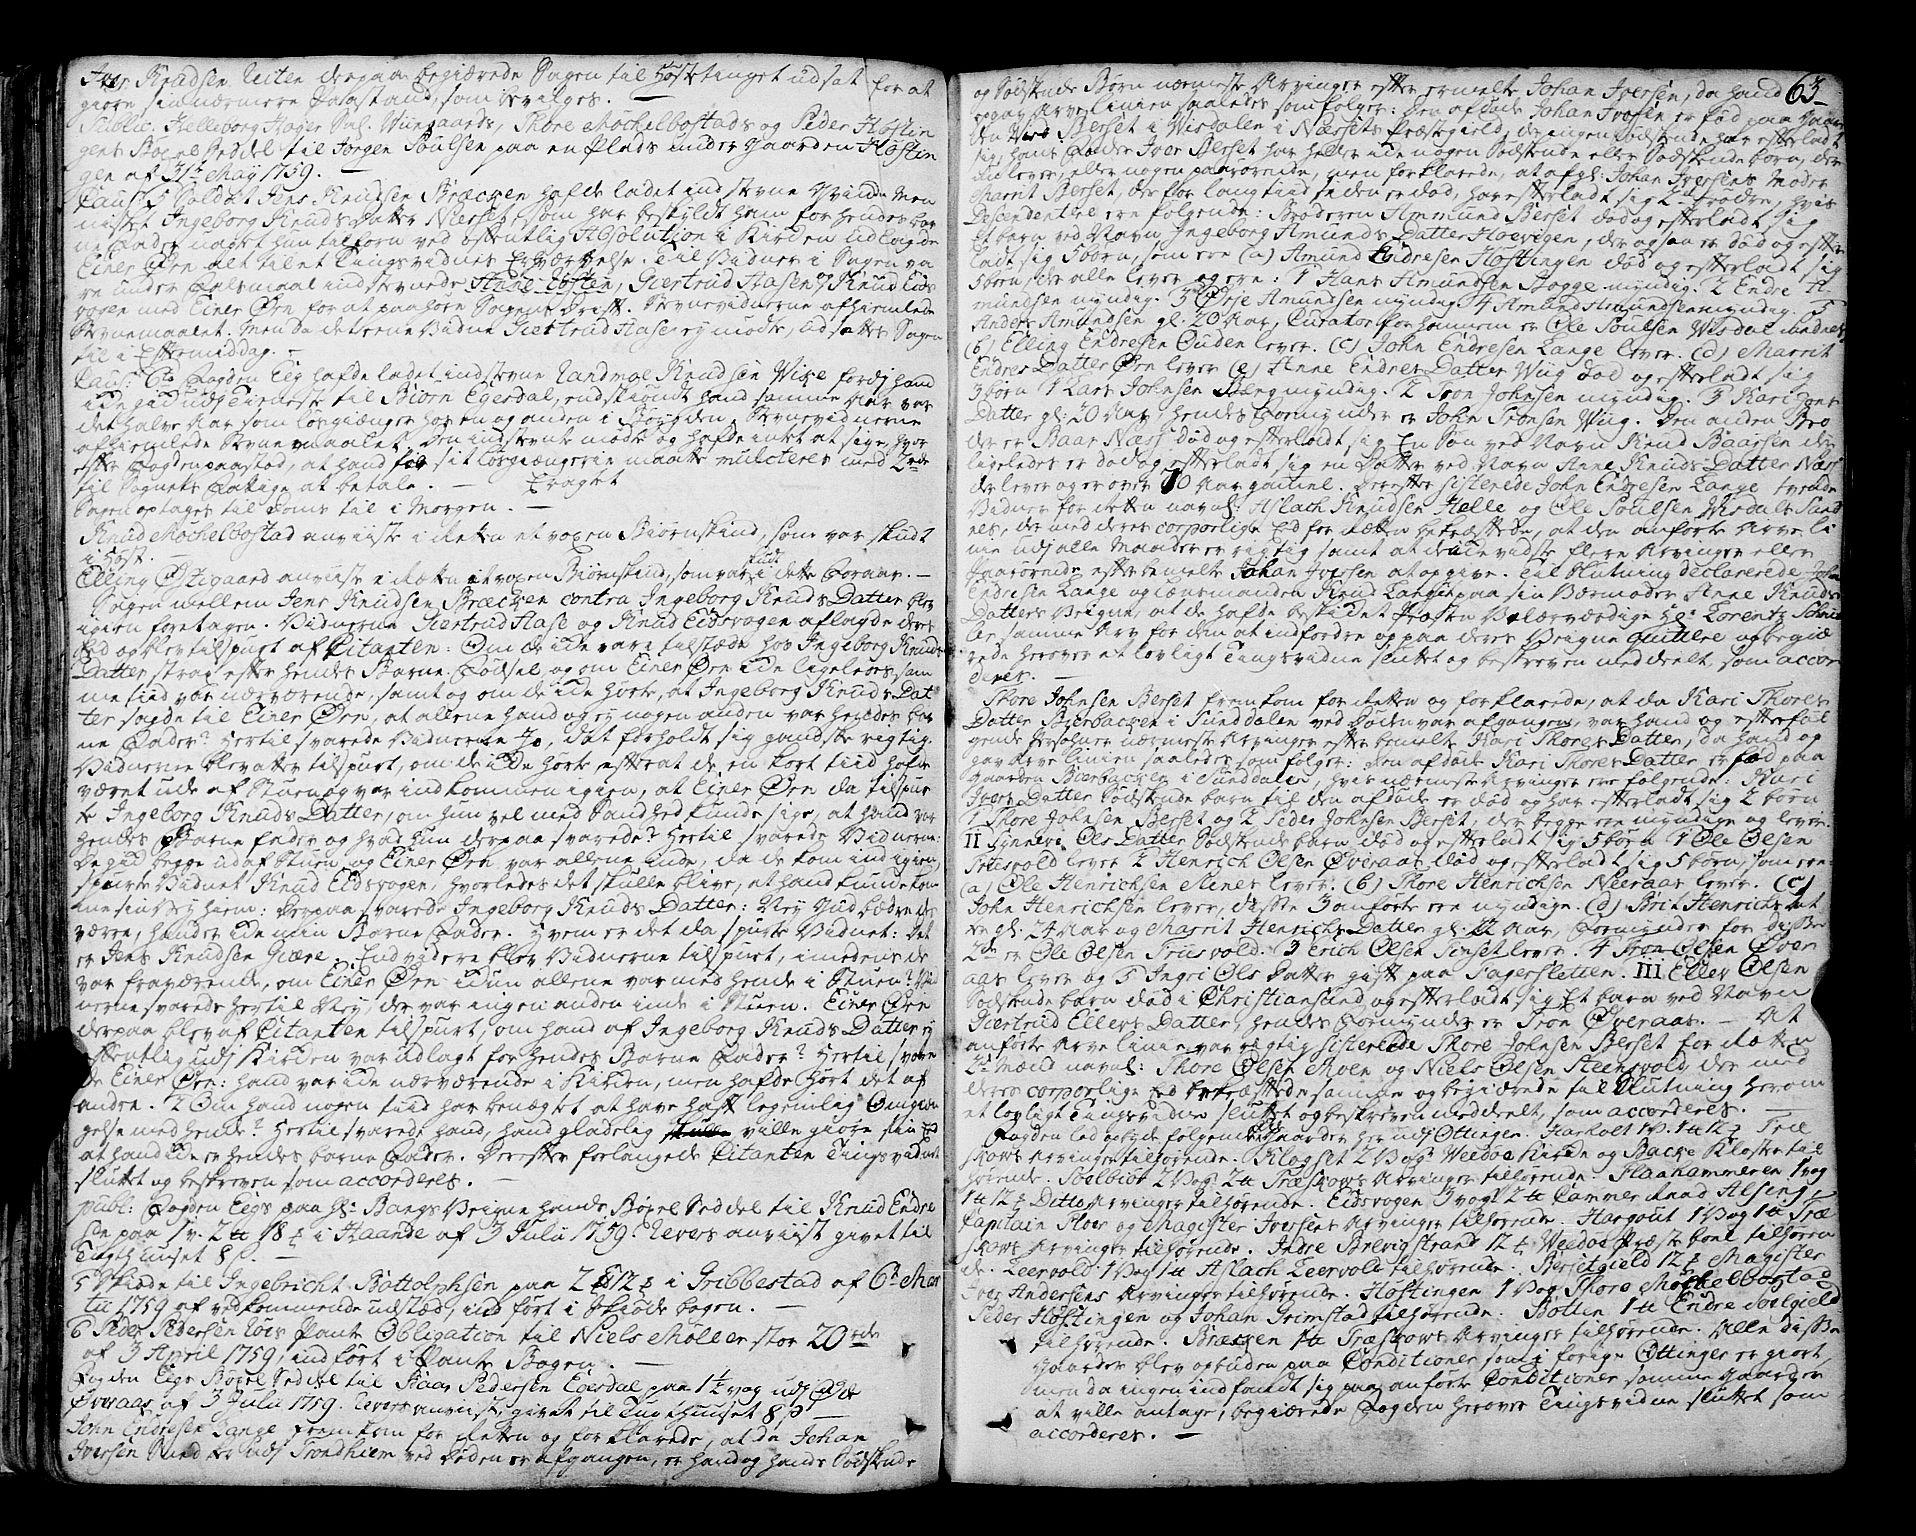 SAT, Romsdal sorenskriveri, 1/1A/L0014: Tingbok, 1757-1765, s. 63